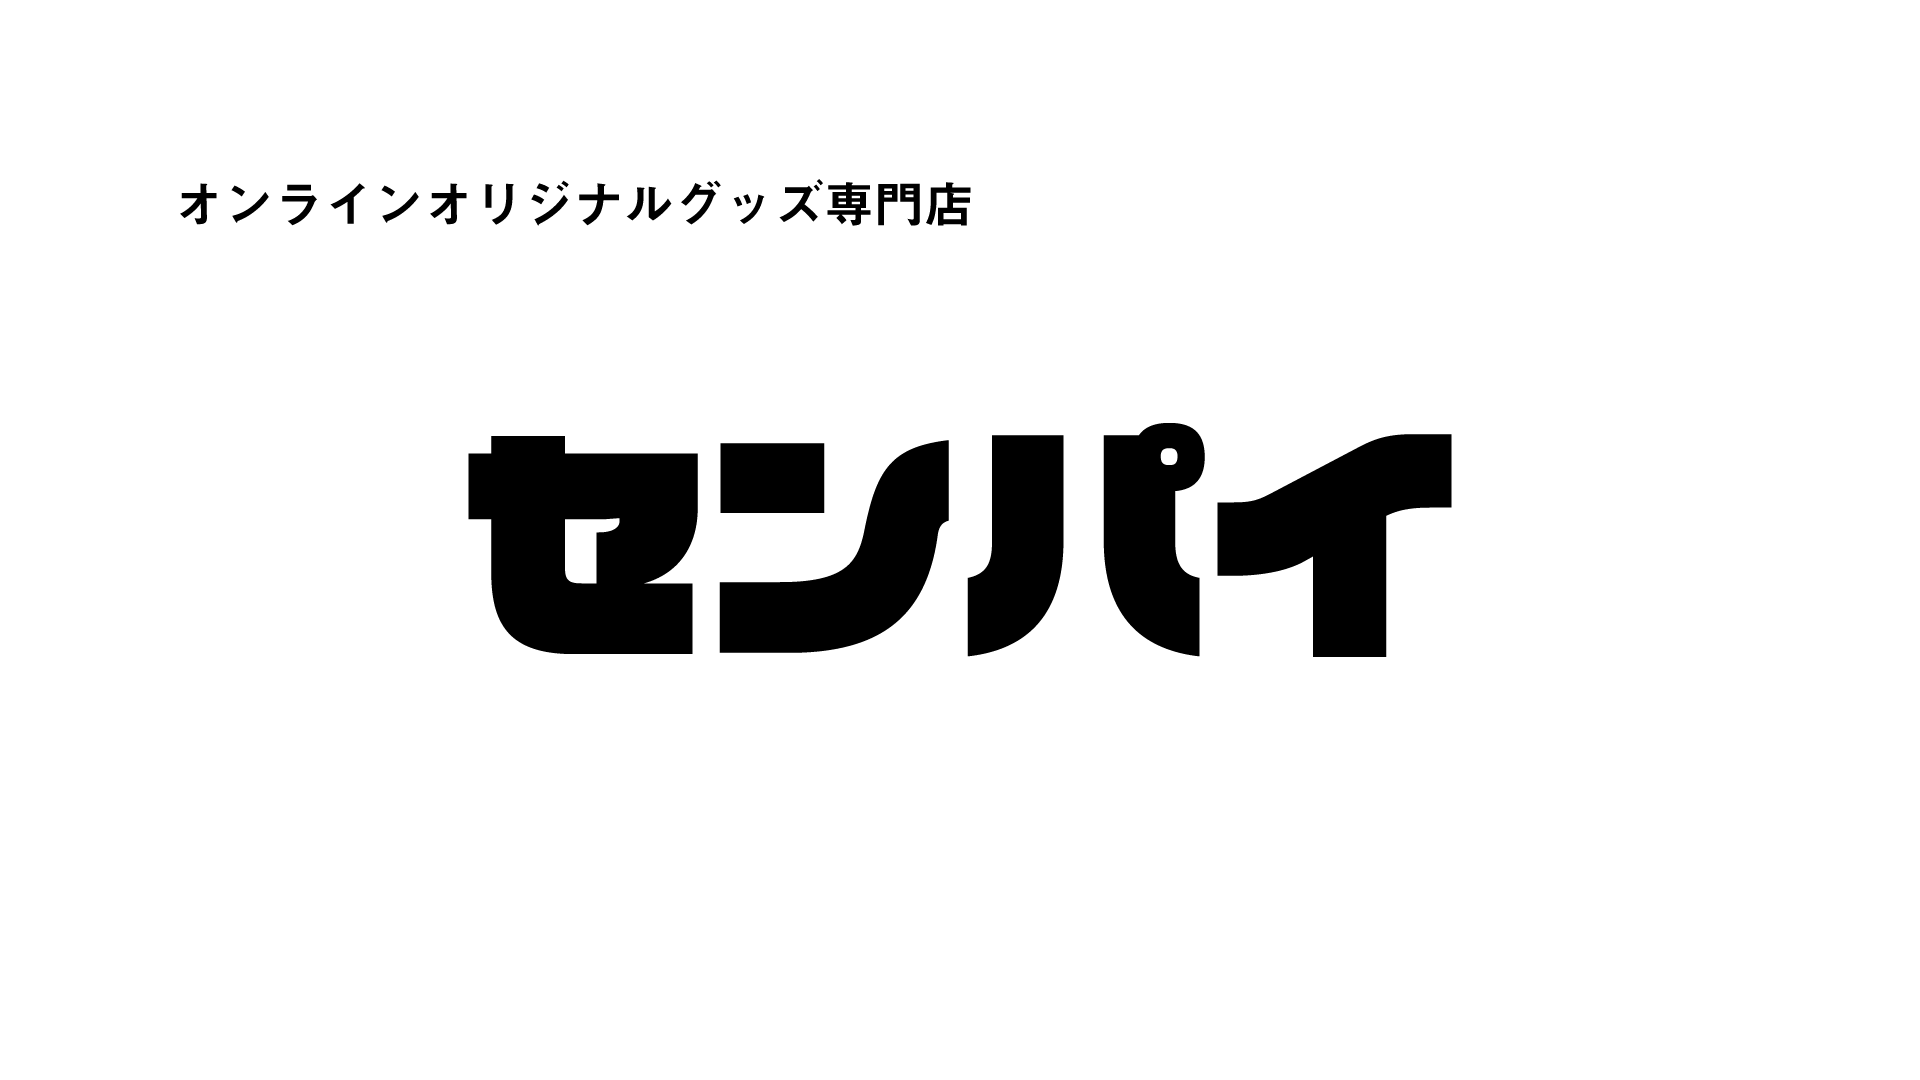 センパイのサムネイル画像